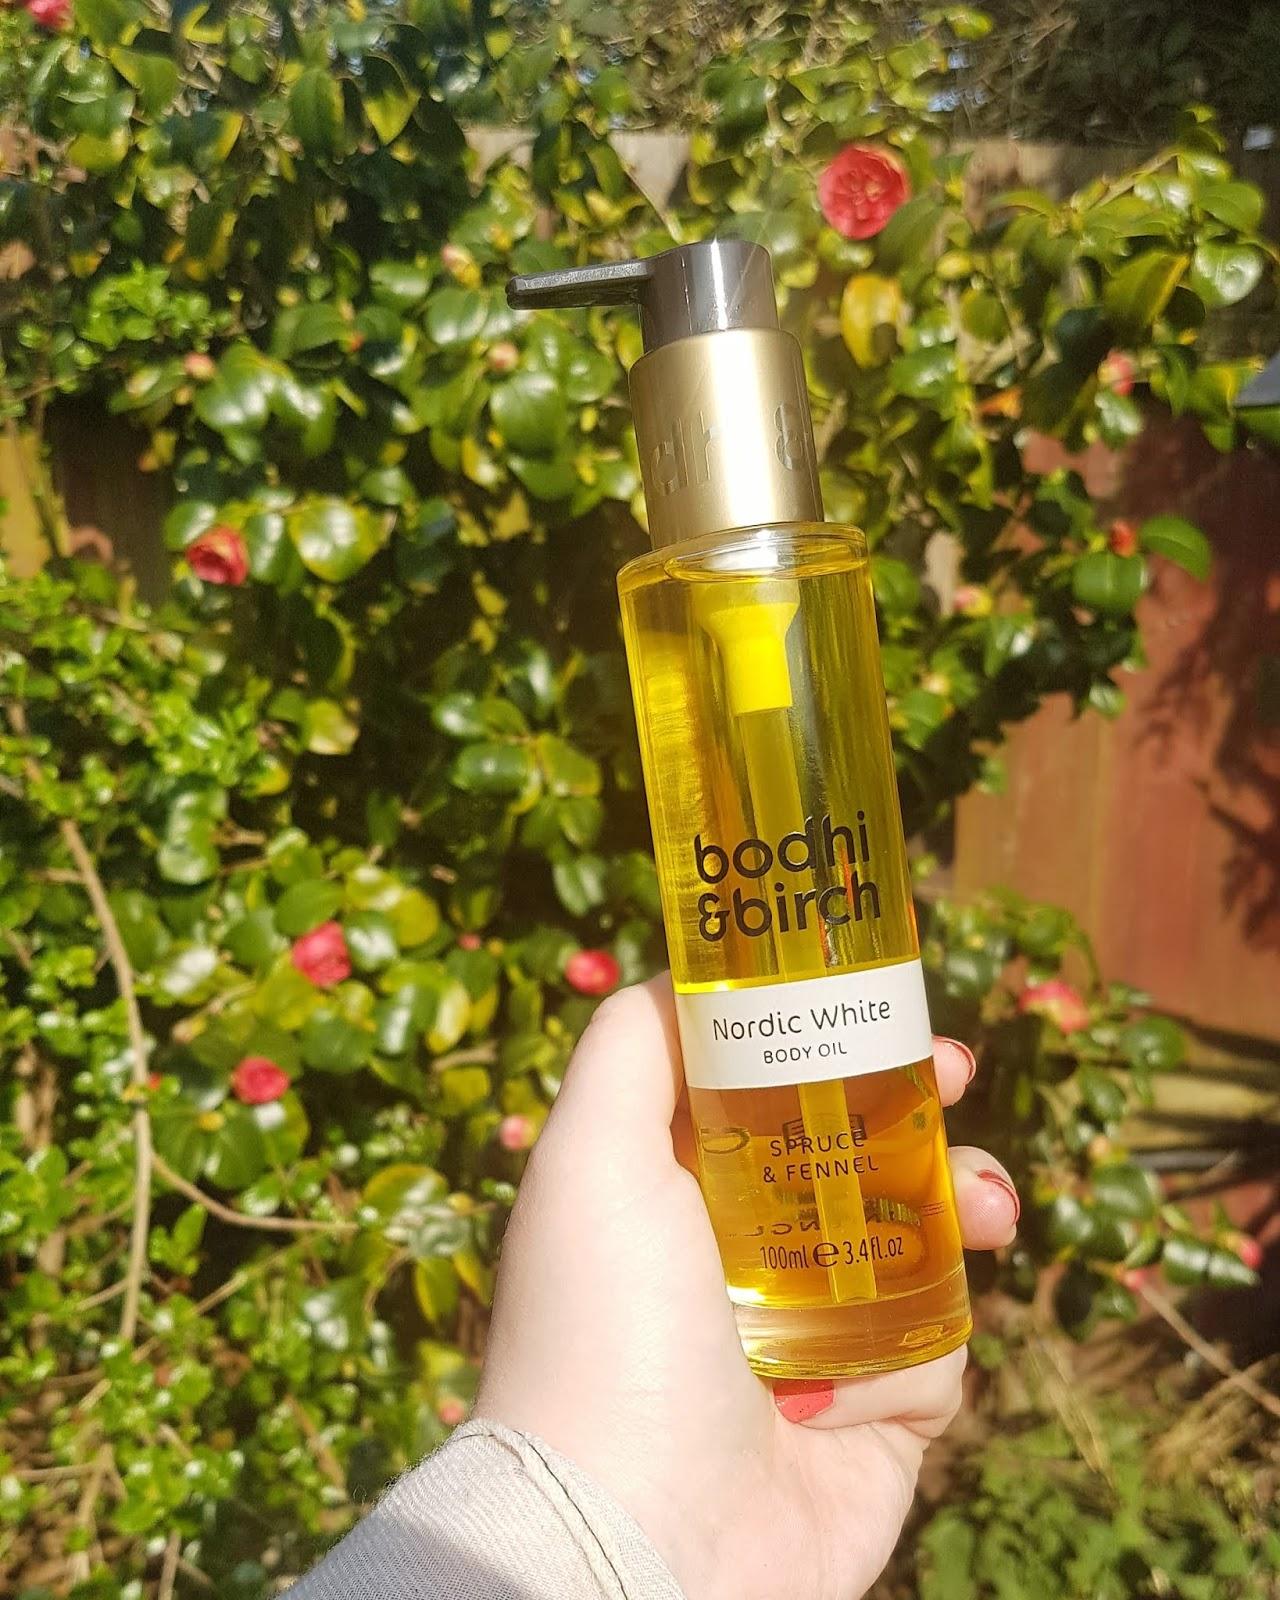 Bodhi & Birch Nordic White Body Oil Review